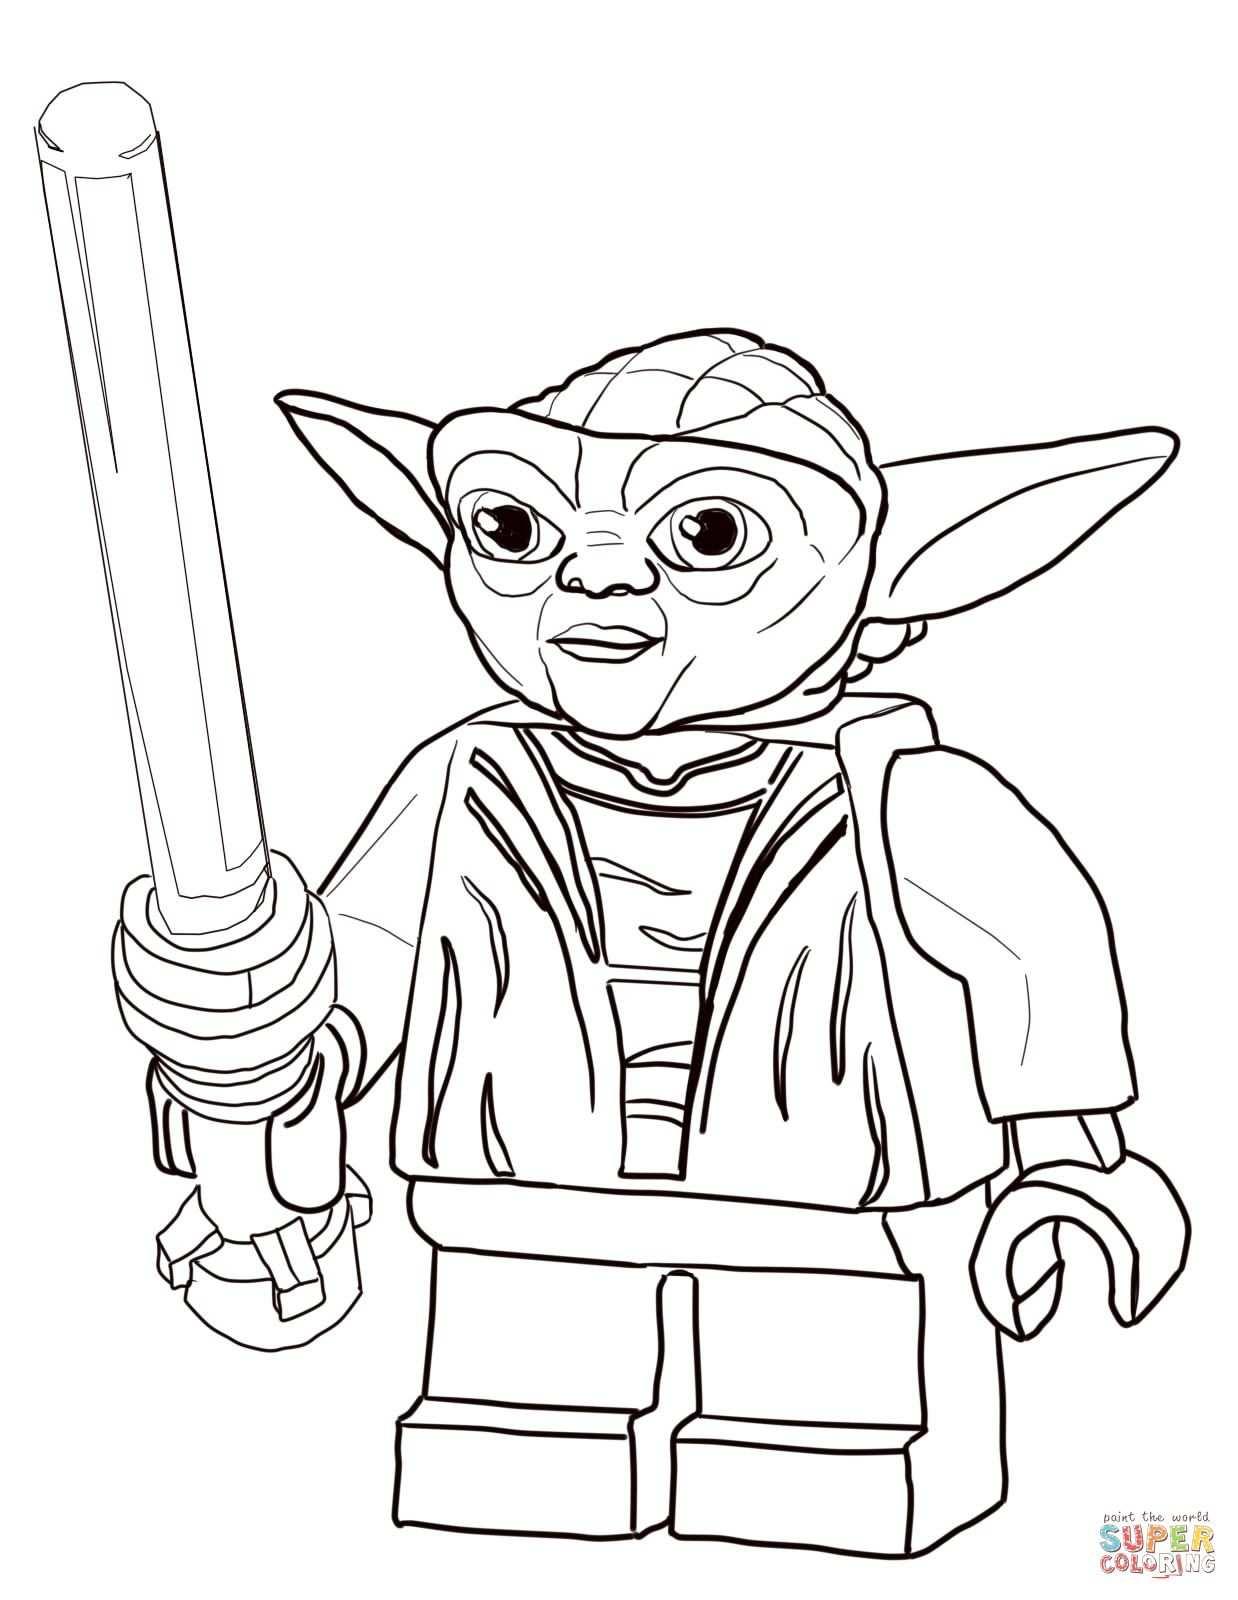 Lego Star Wars Master Yoda Coloring Page Supercoloring Com